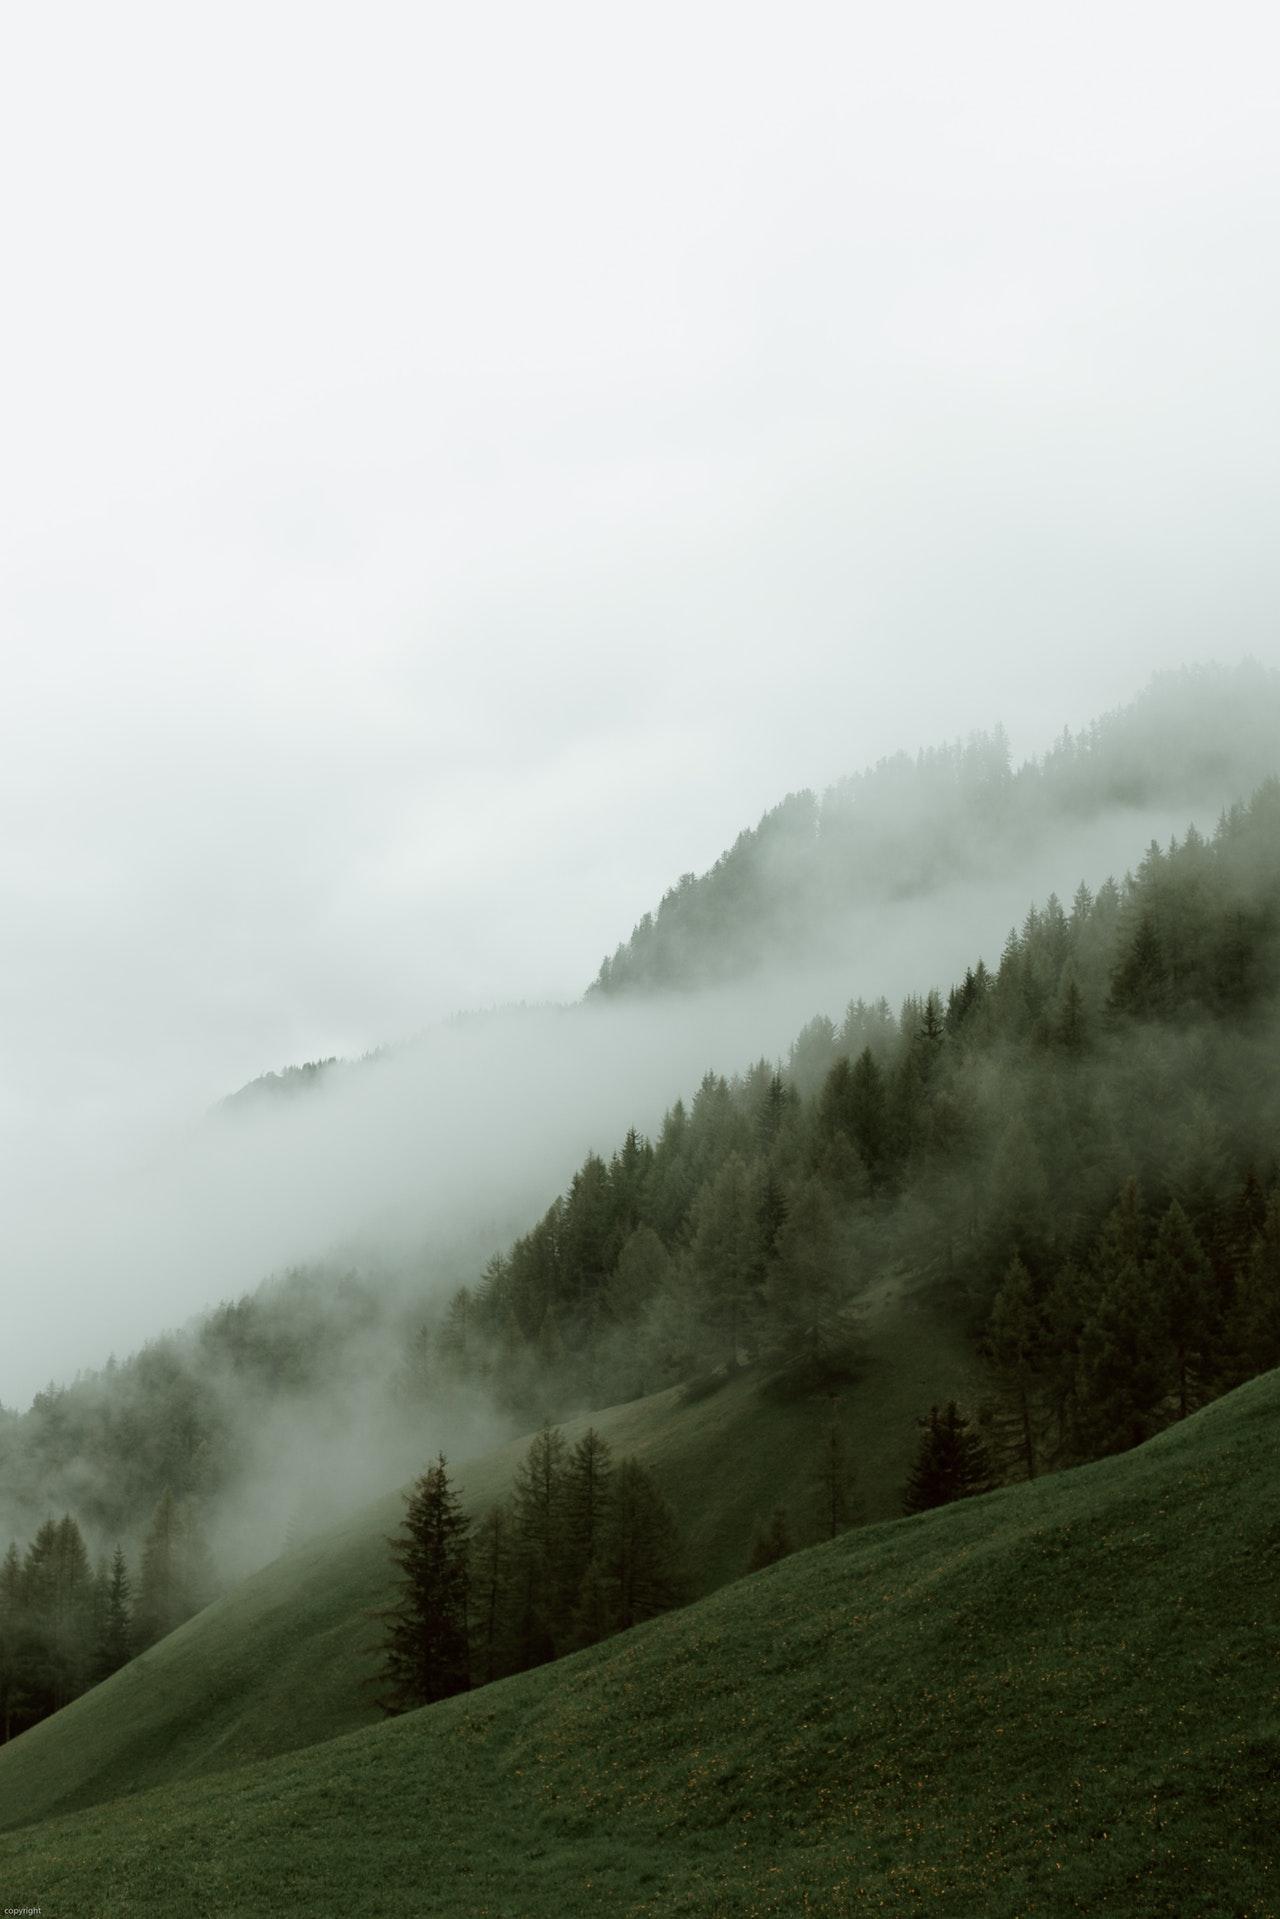 snackenglish, mist, niebla, neblina, humedad, condensacion, hill, mountain